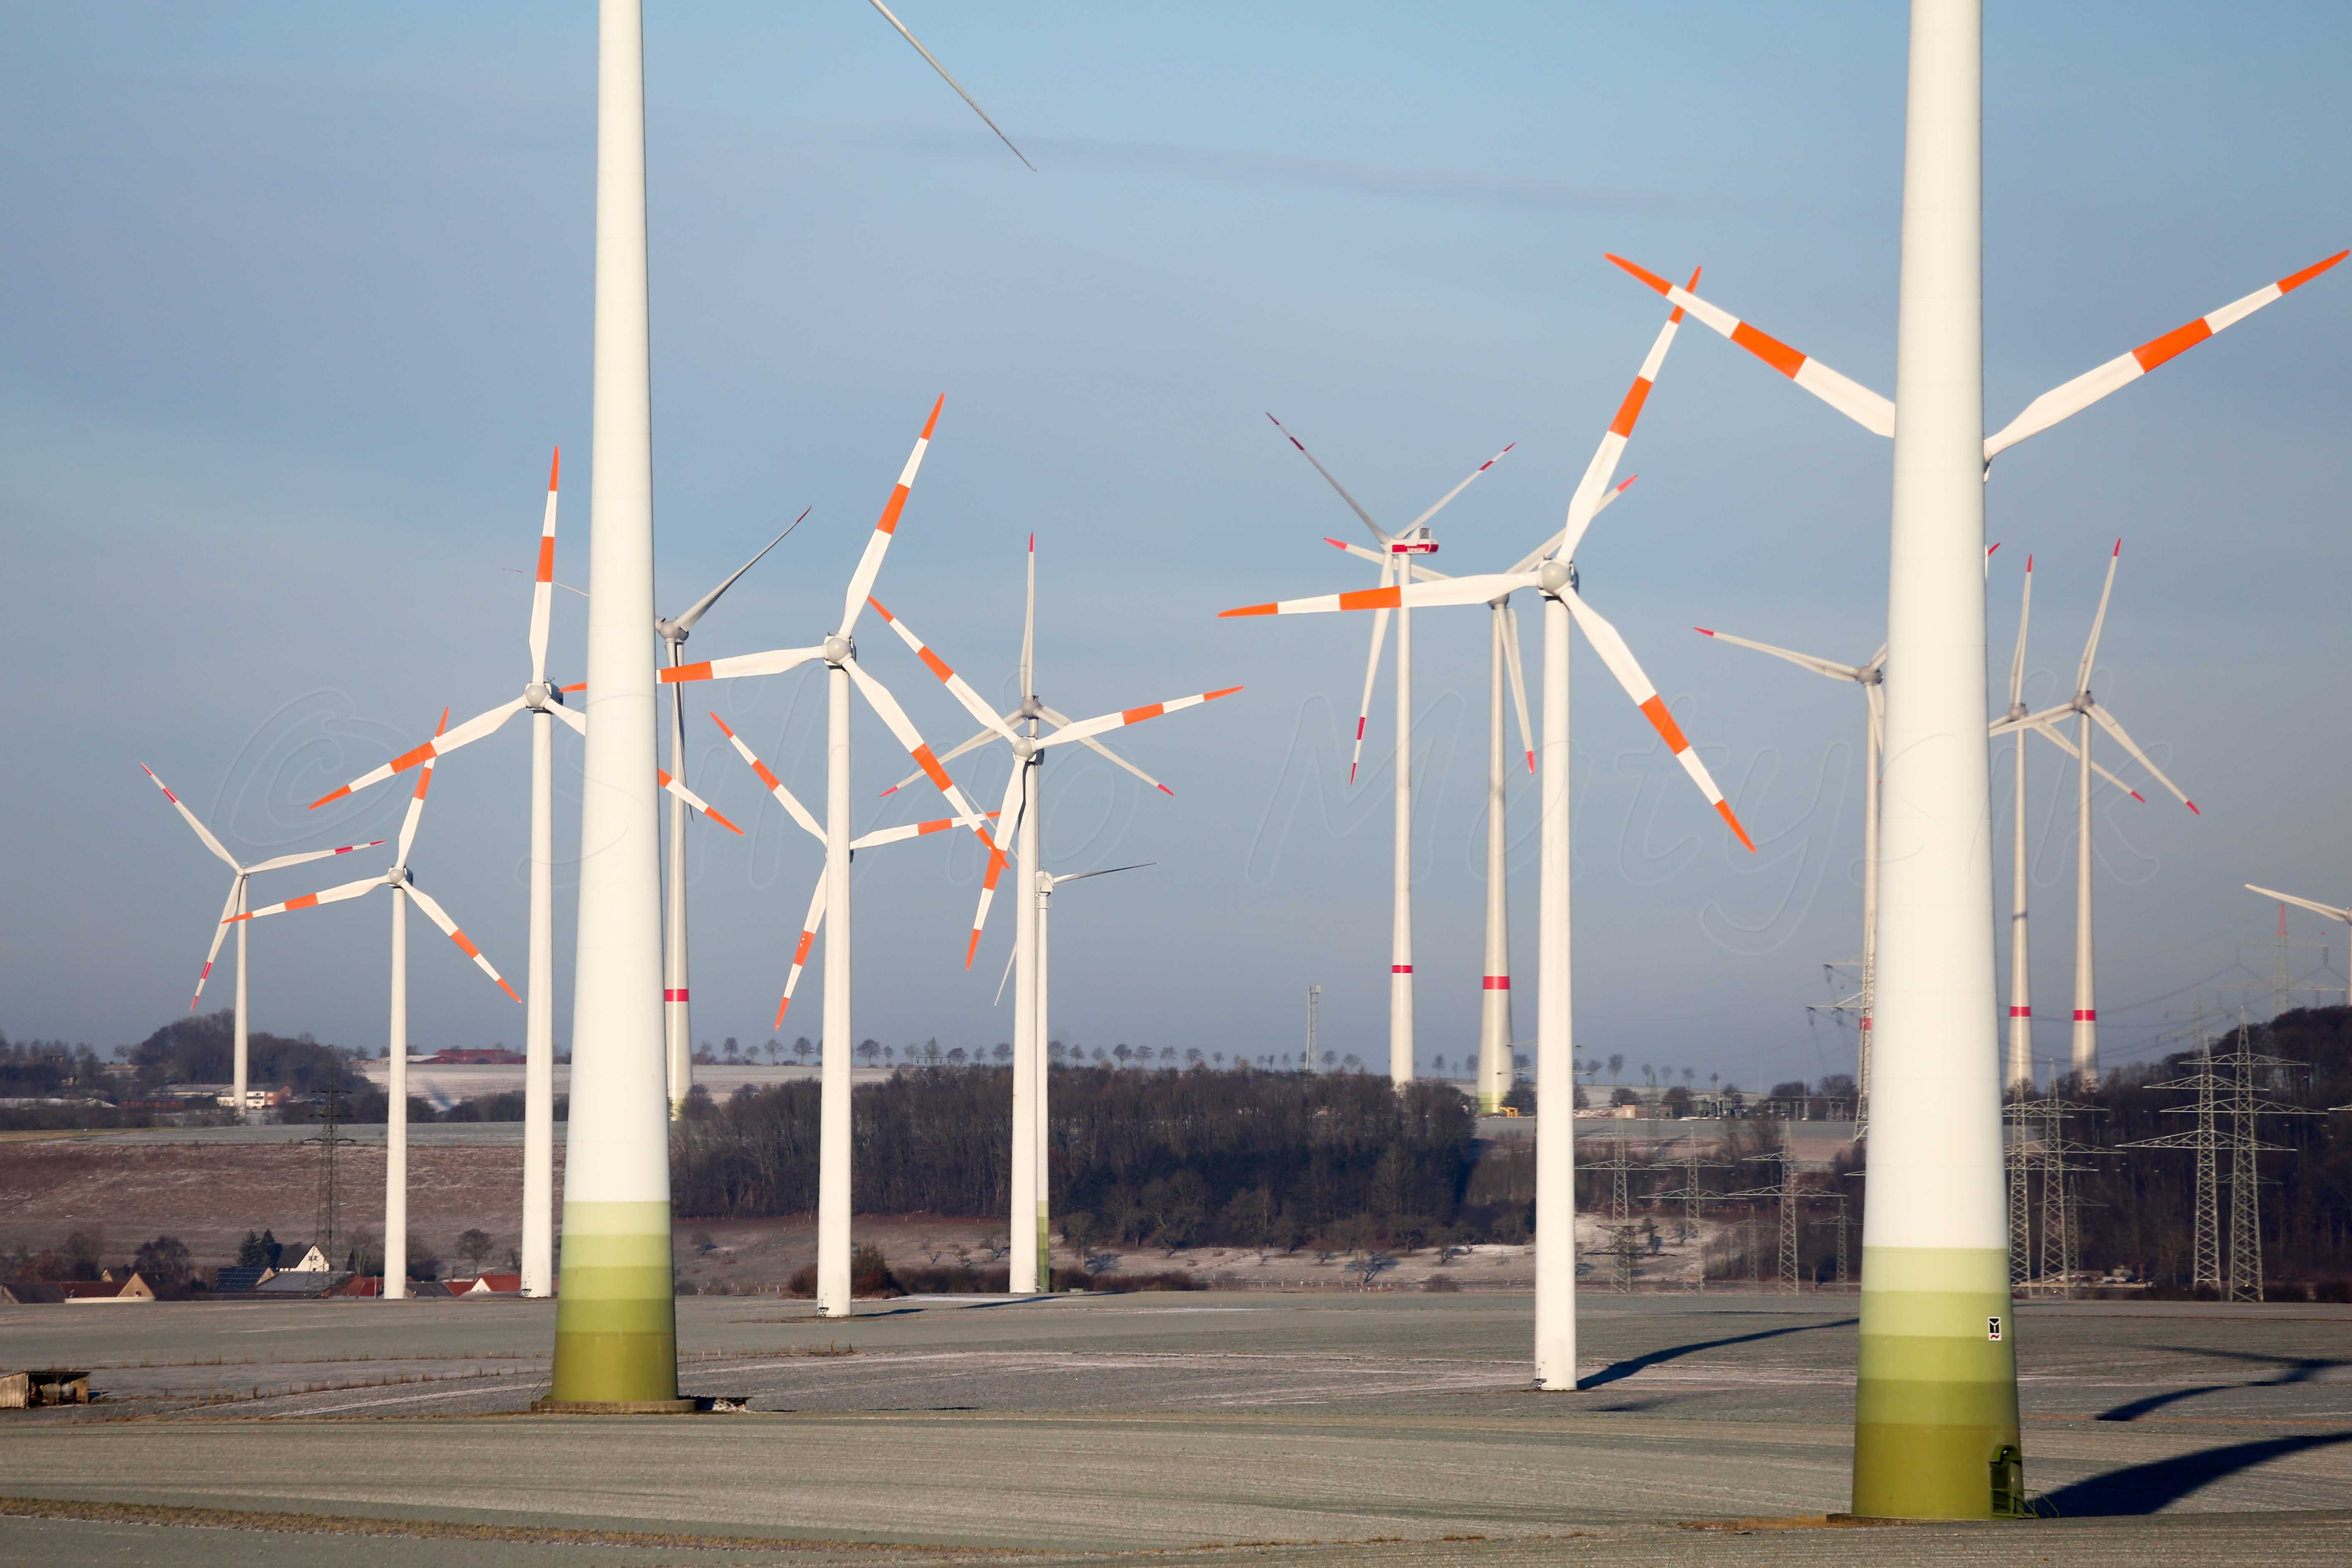 Vestas V66-1 65 - 1,65 MW - Wind turbine